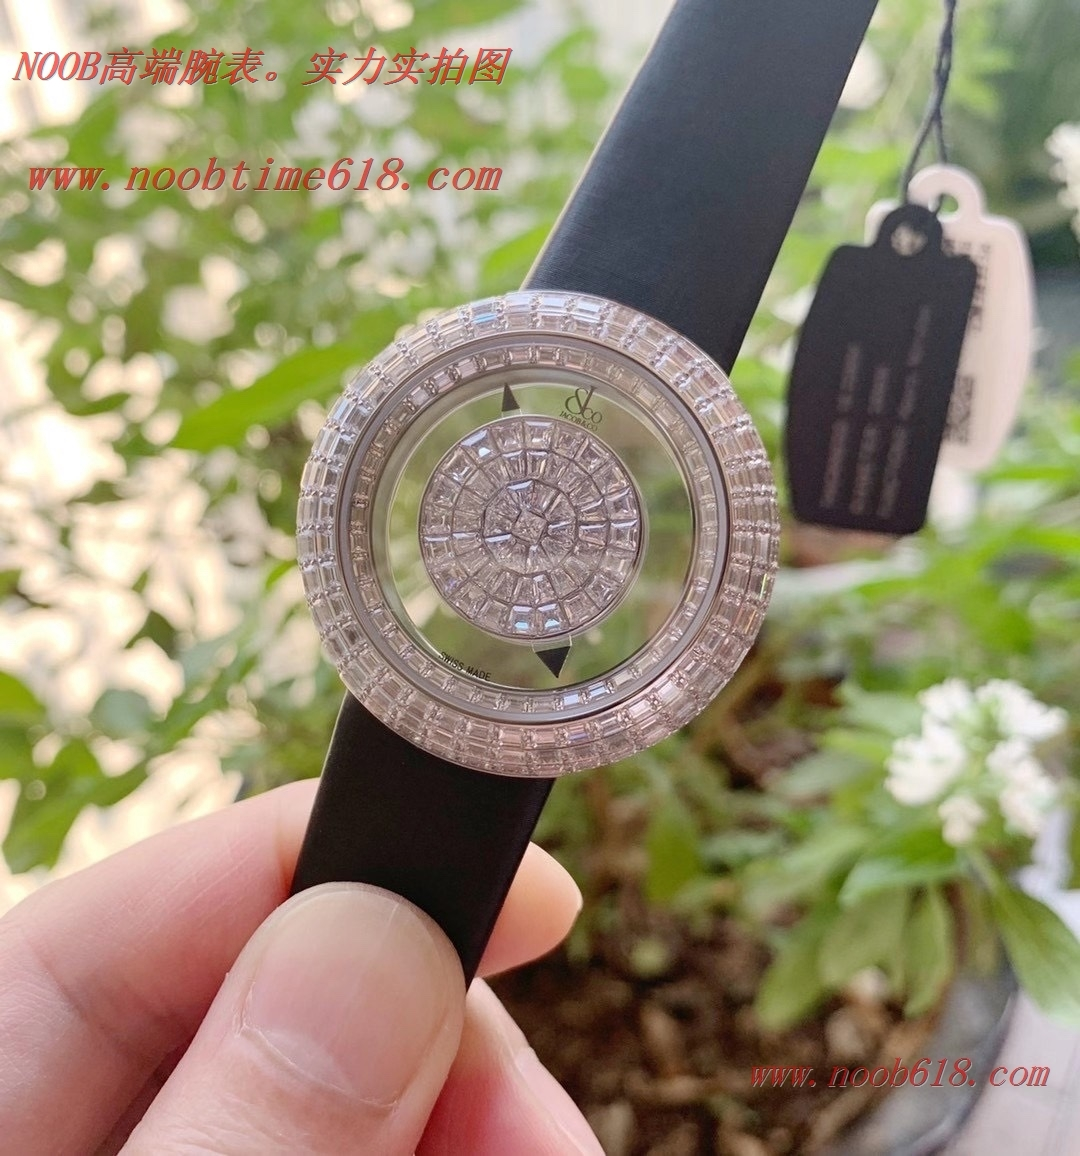 複刻錶,複刻手錶,REPLICA WATCH o factory傑克寶神秘時間天使之眼